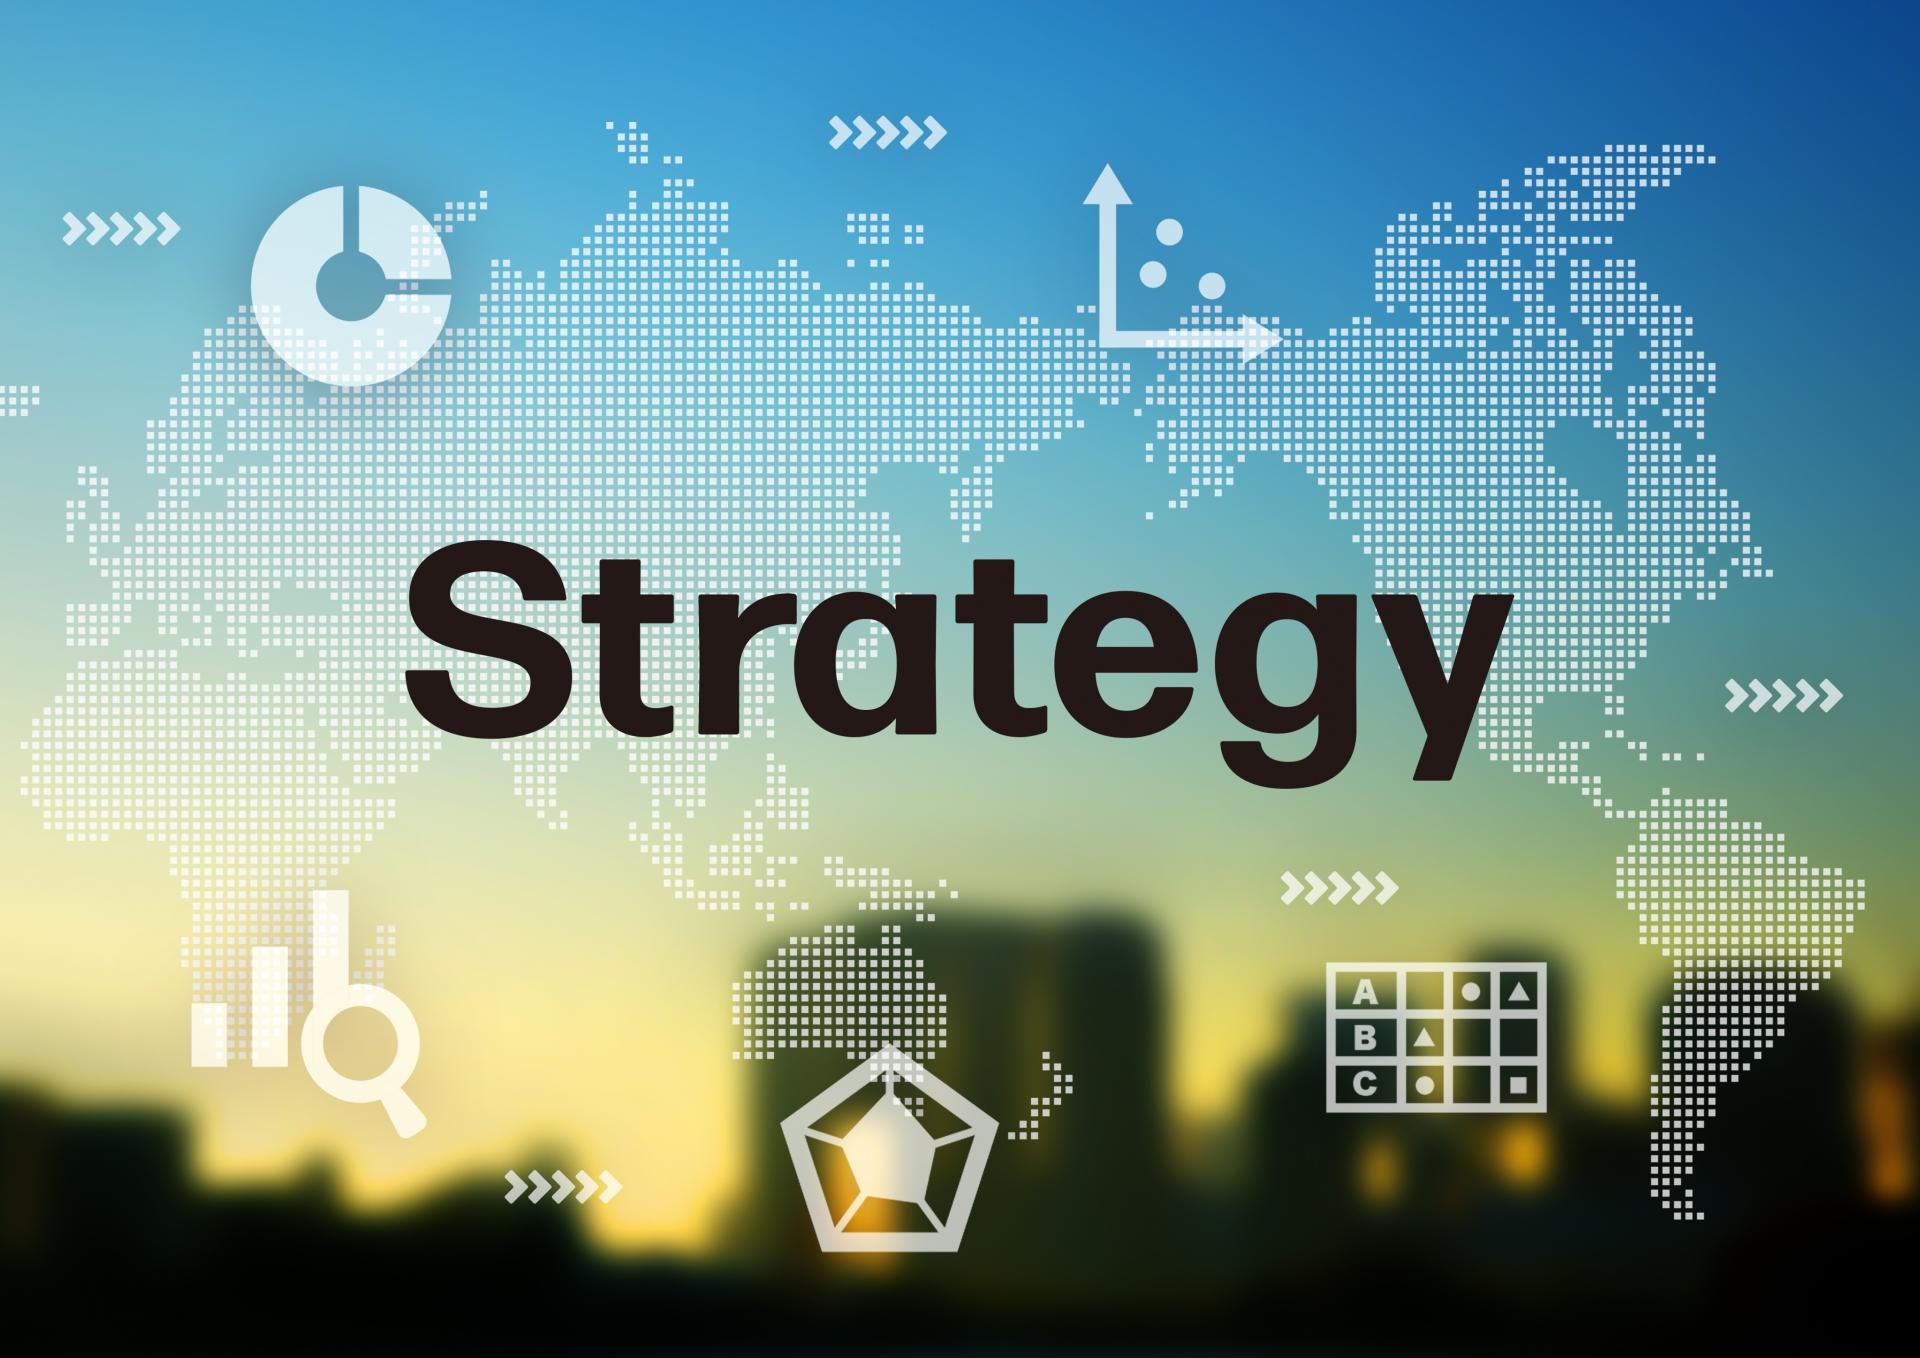 ブログのアクセス数を増やすための基本戦略